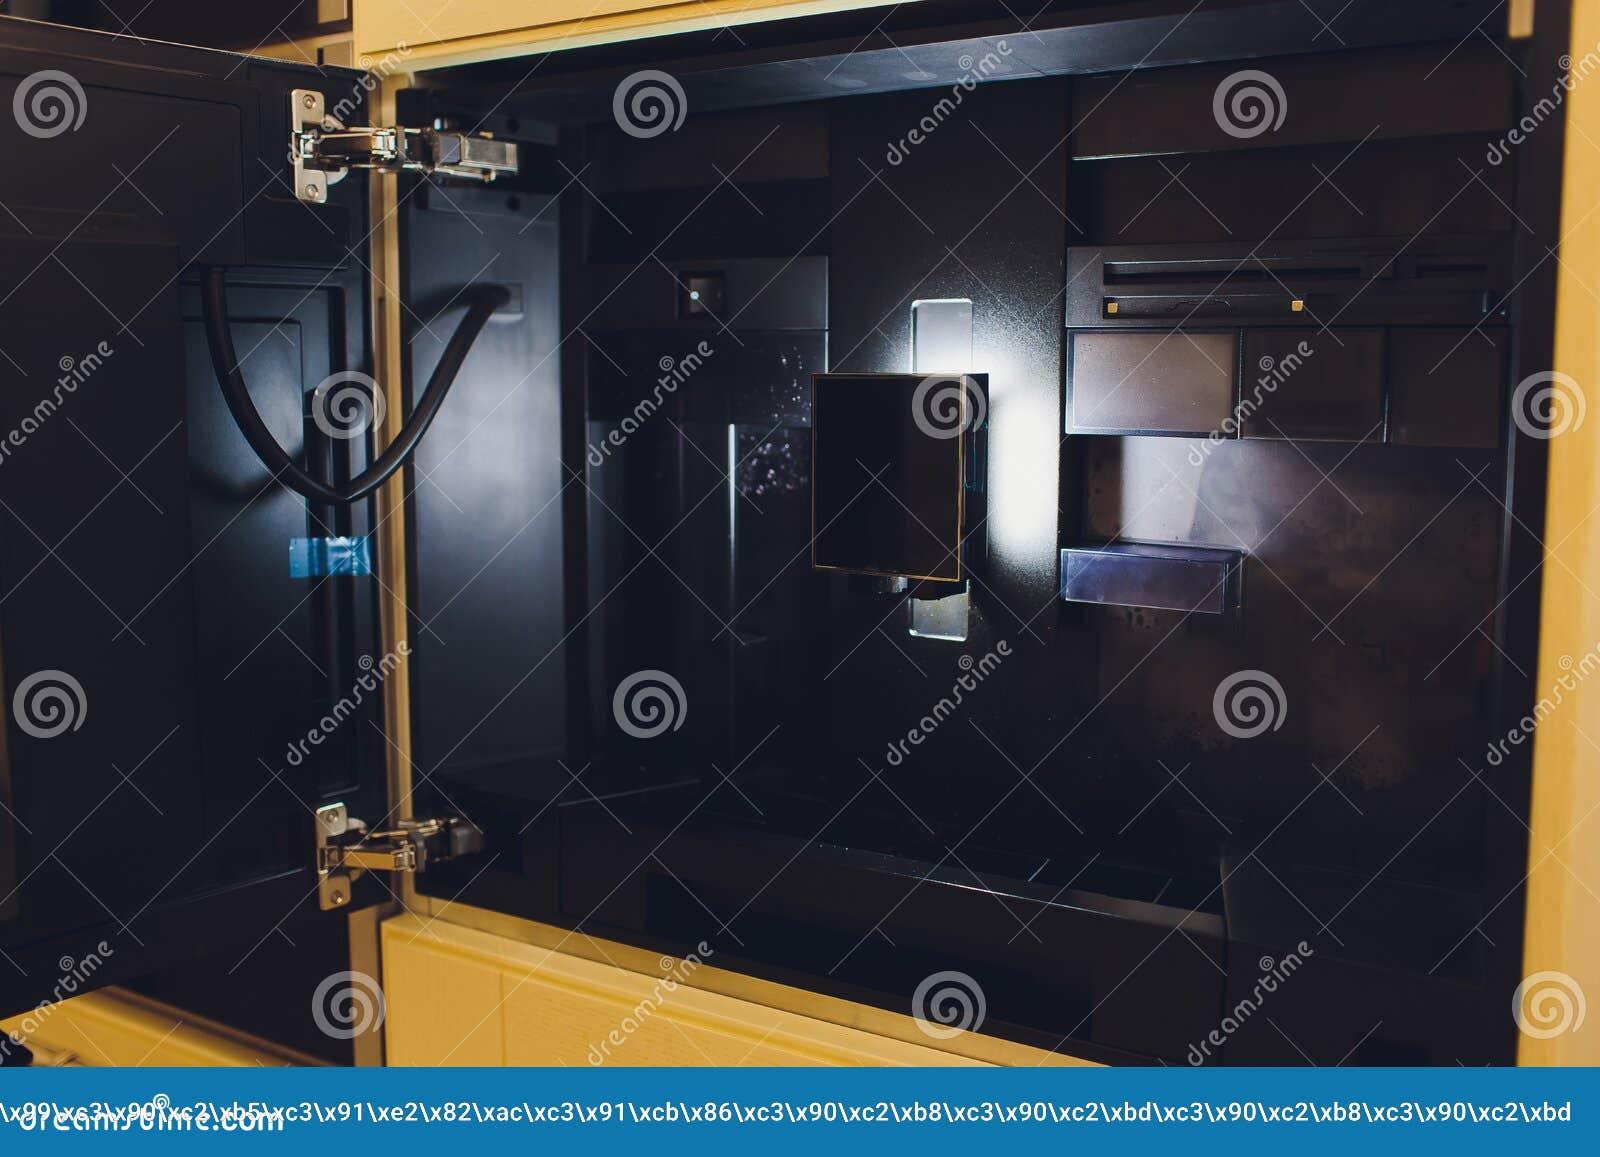 Zeitgenssische Kche Mit Aufgebaut In Der Kaffeemaschine Stockbild   Bild von integriert ...